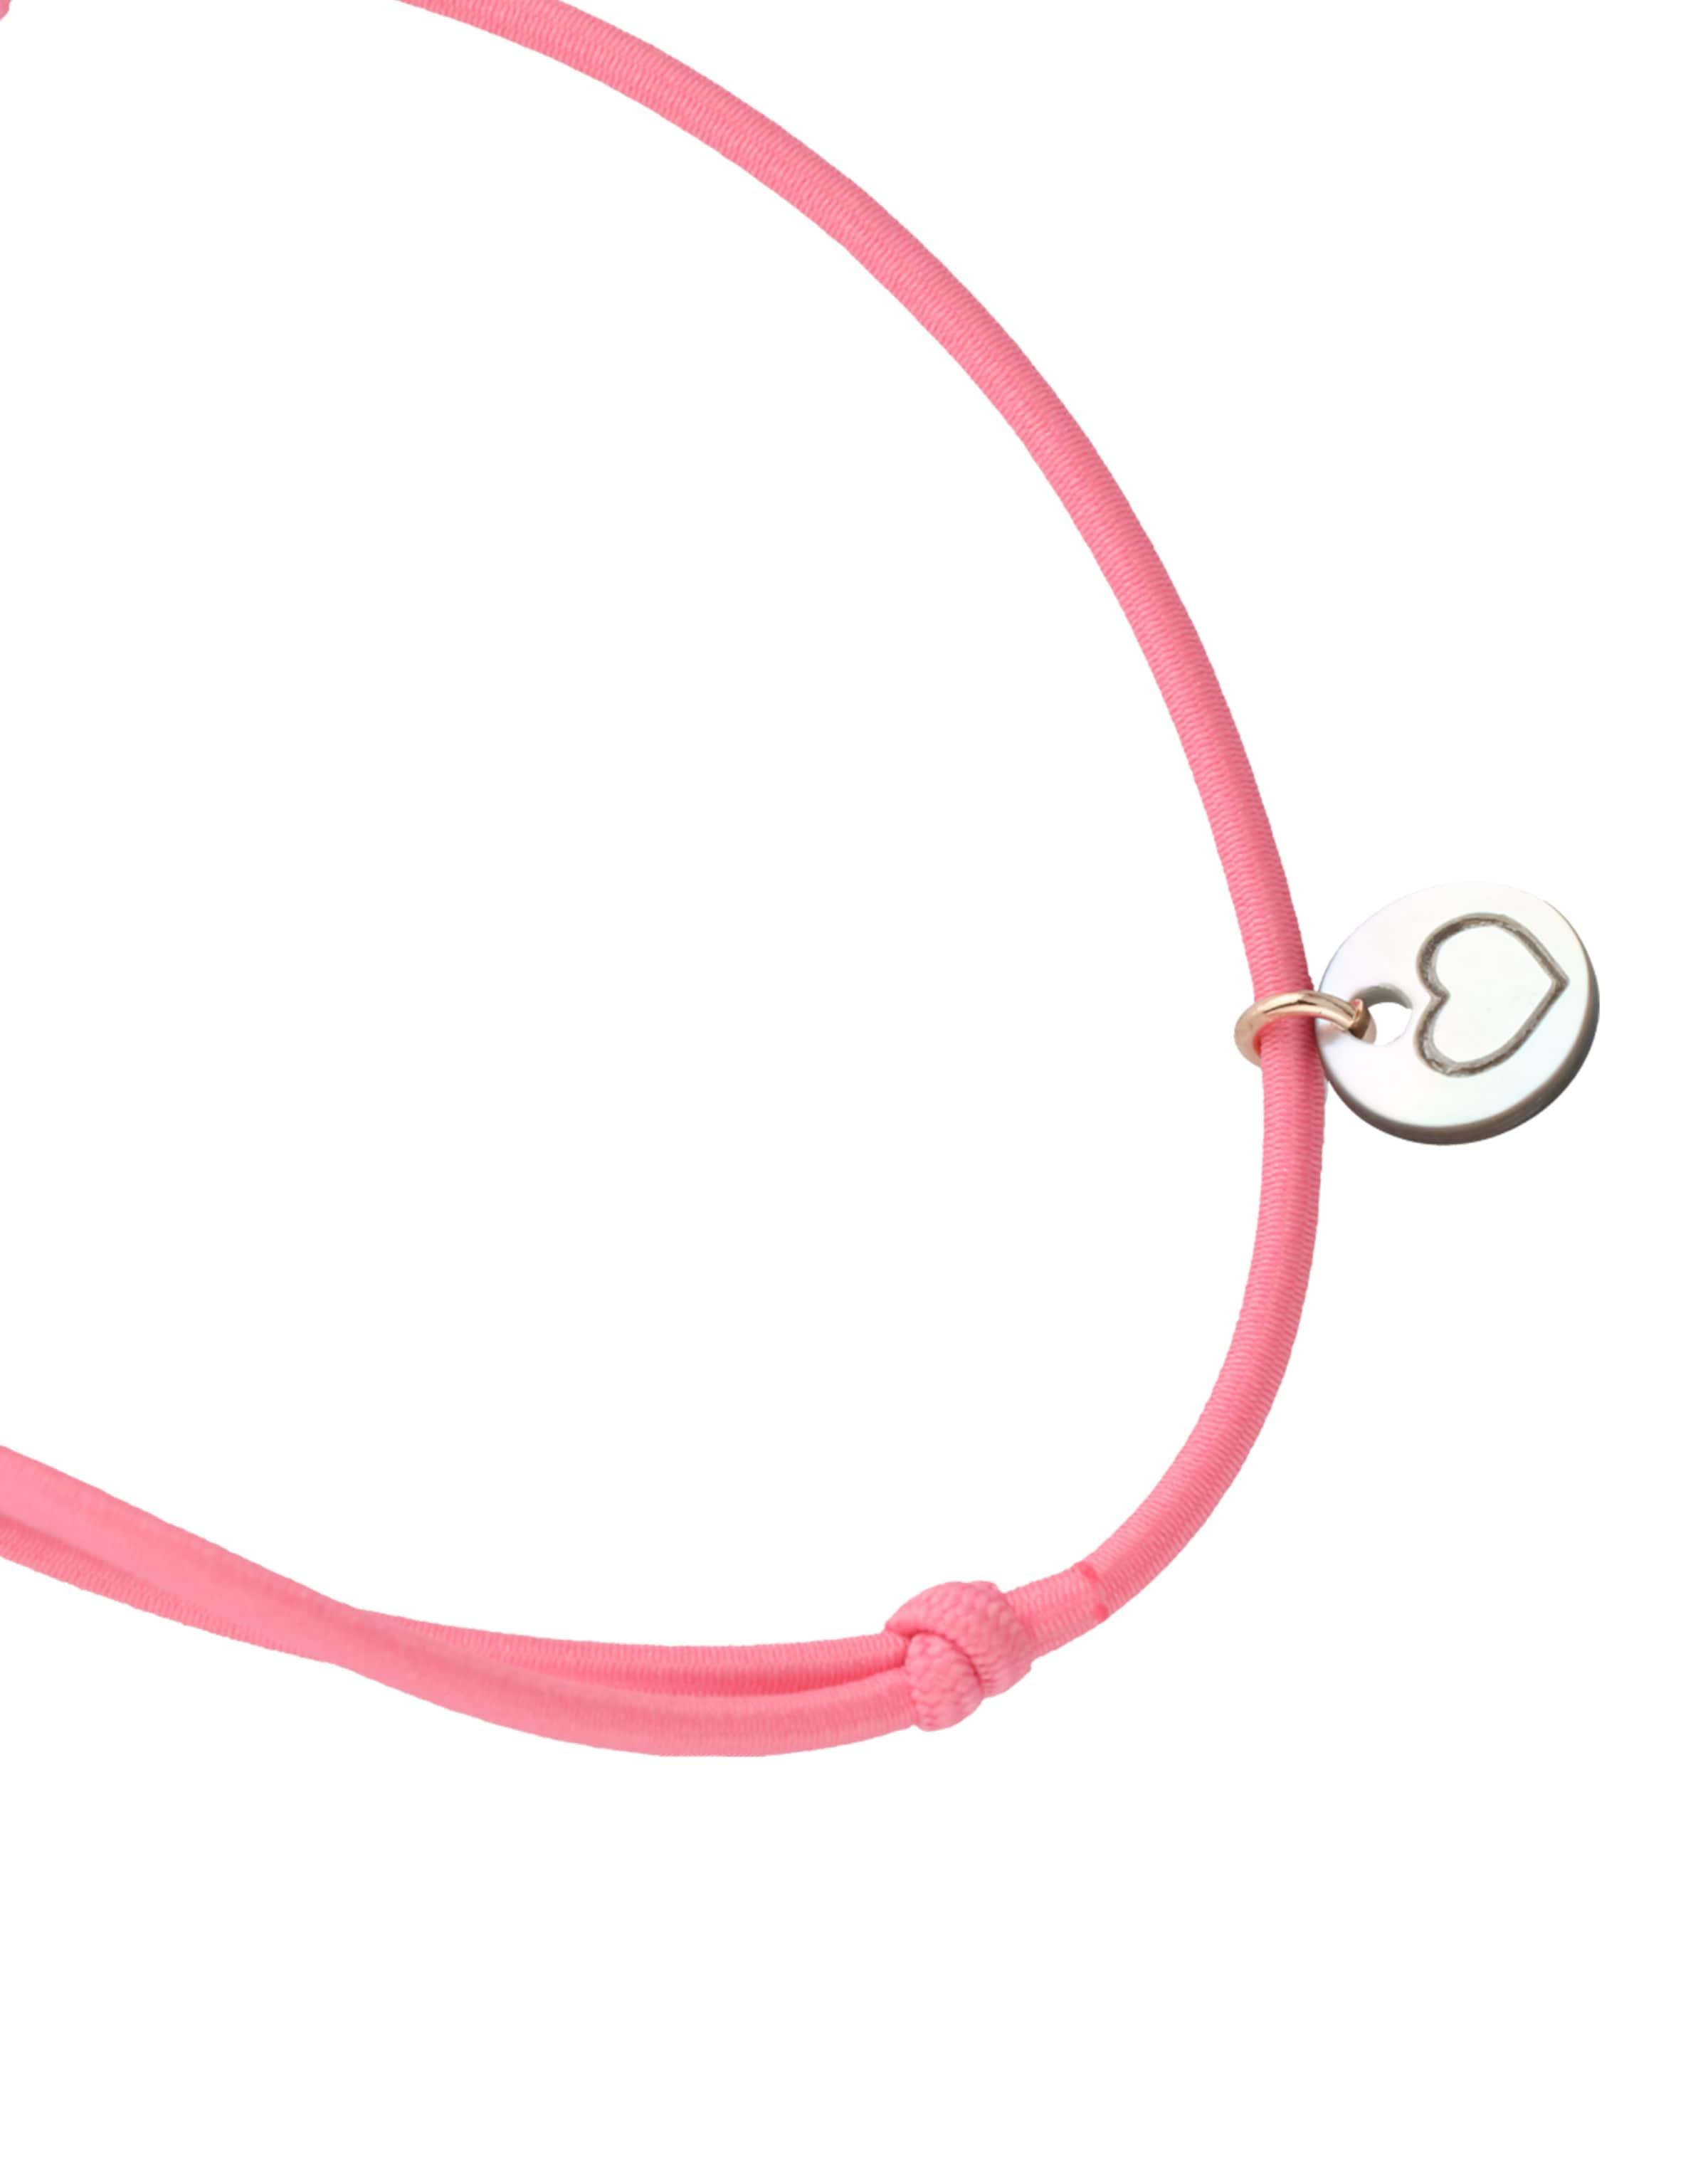 Spielraum Eastbay Verkauf Erhalten Authentisch lua accessories Armband 'Sun' #NAME? Online Gehen Authentisch Verkauf ti7DDZKO